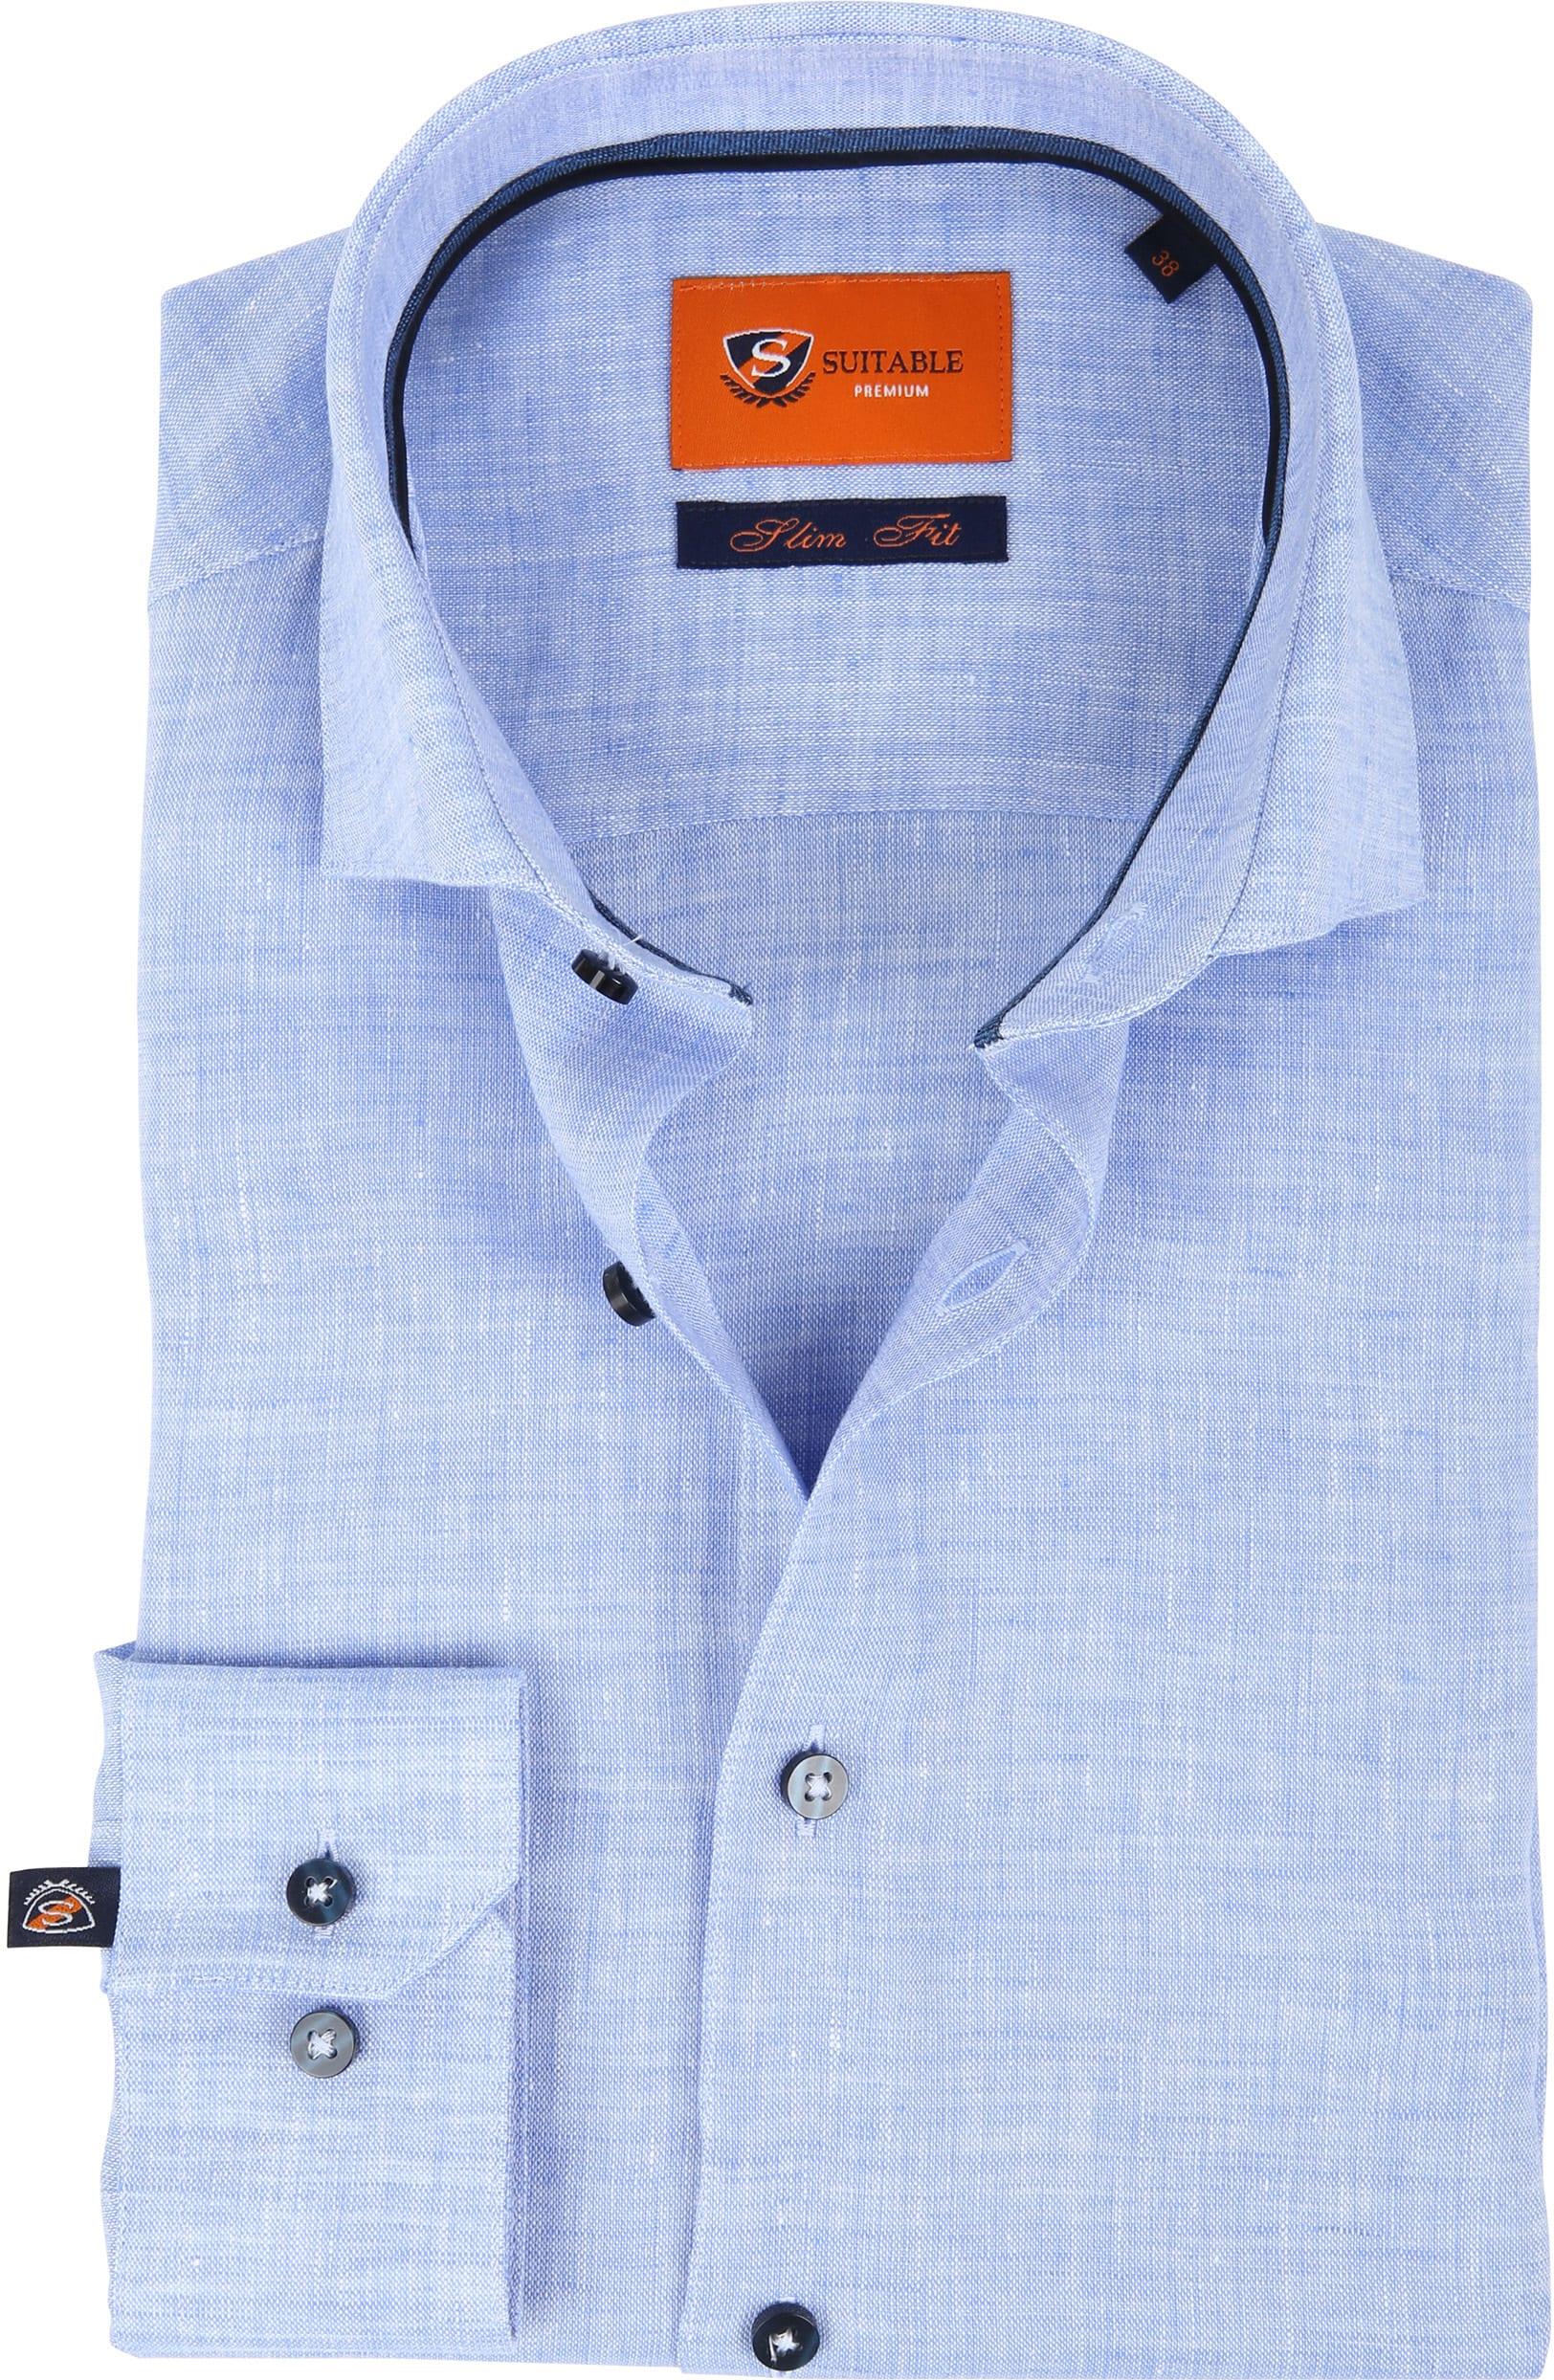 Suitable Shirt Linen Blue D81-12